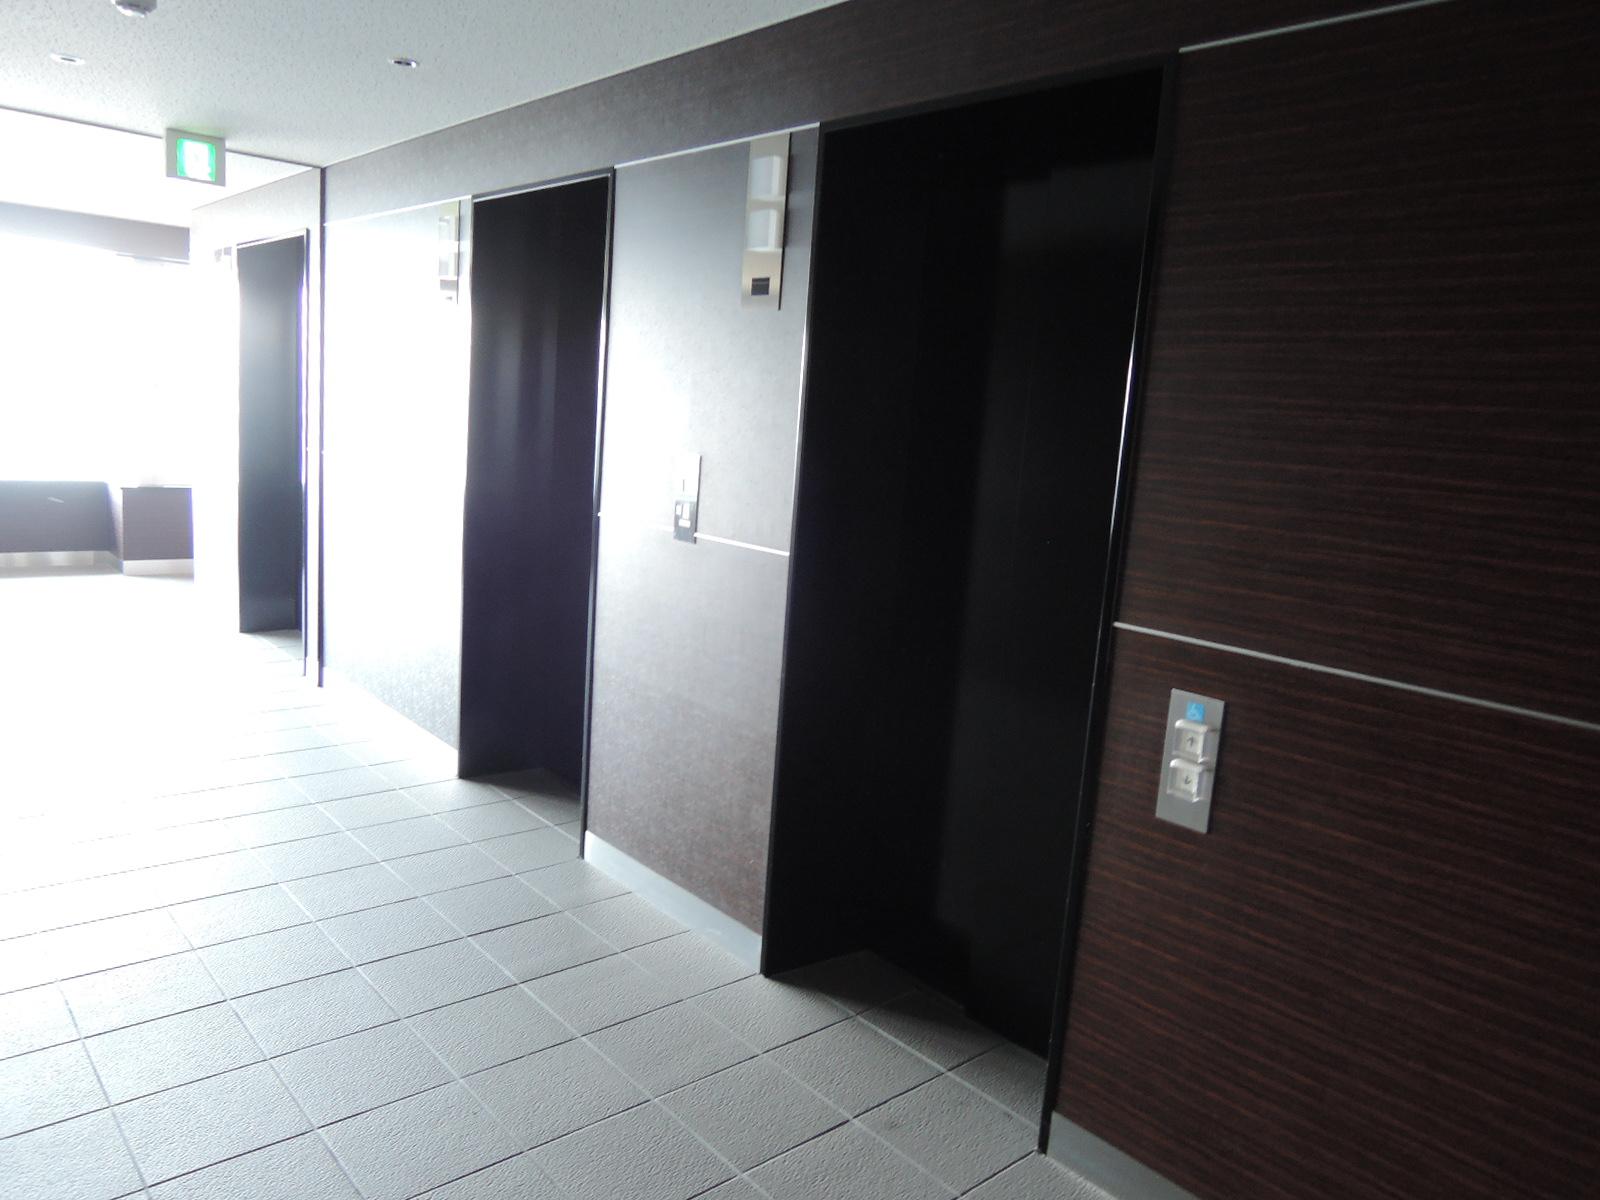 エレベーターは低層階用2基と高層階用3基の計5基